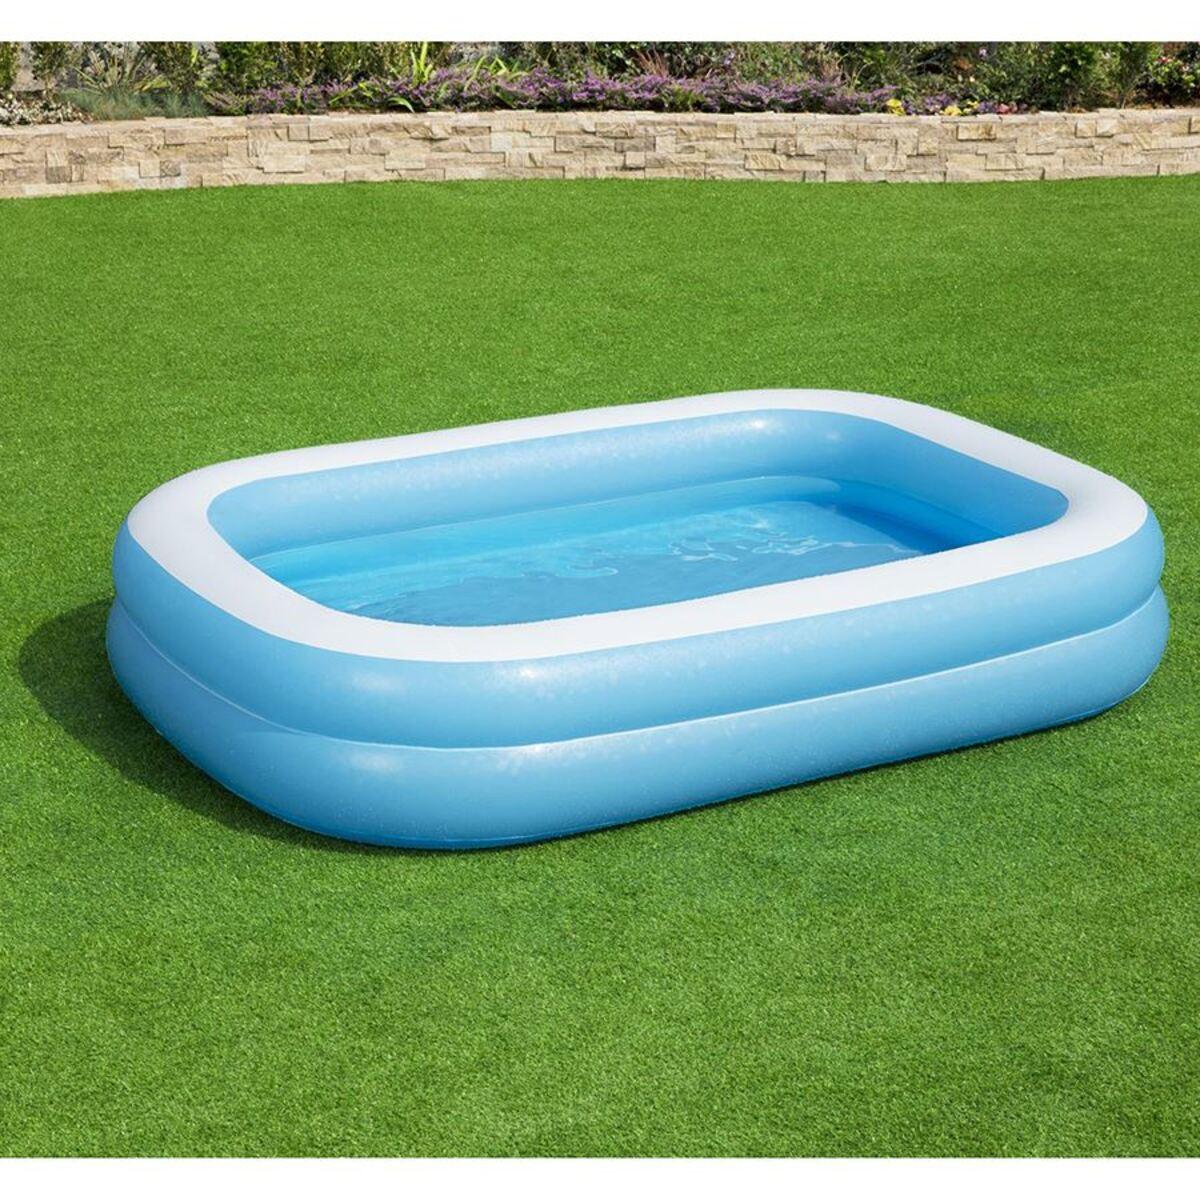 Bild 2 von Bestway #54006 Family Pool Blue 262x175x51cm